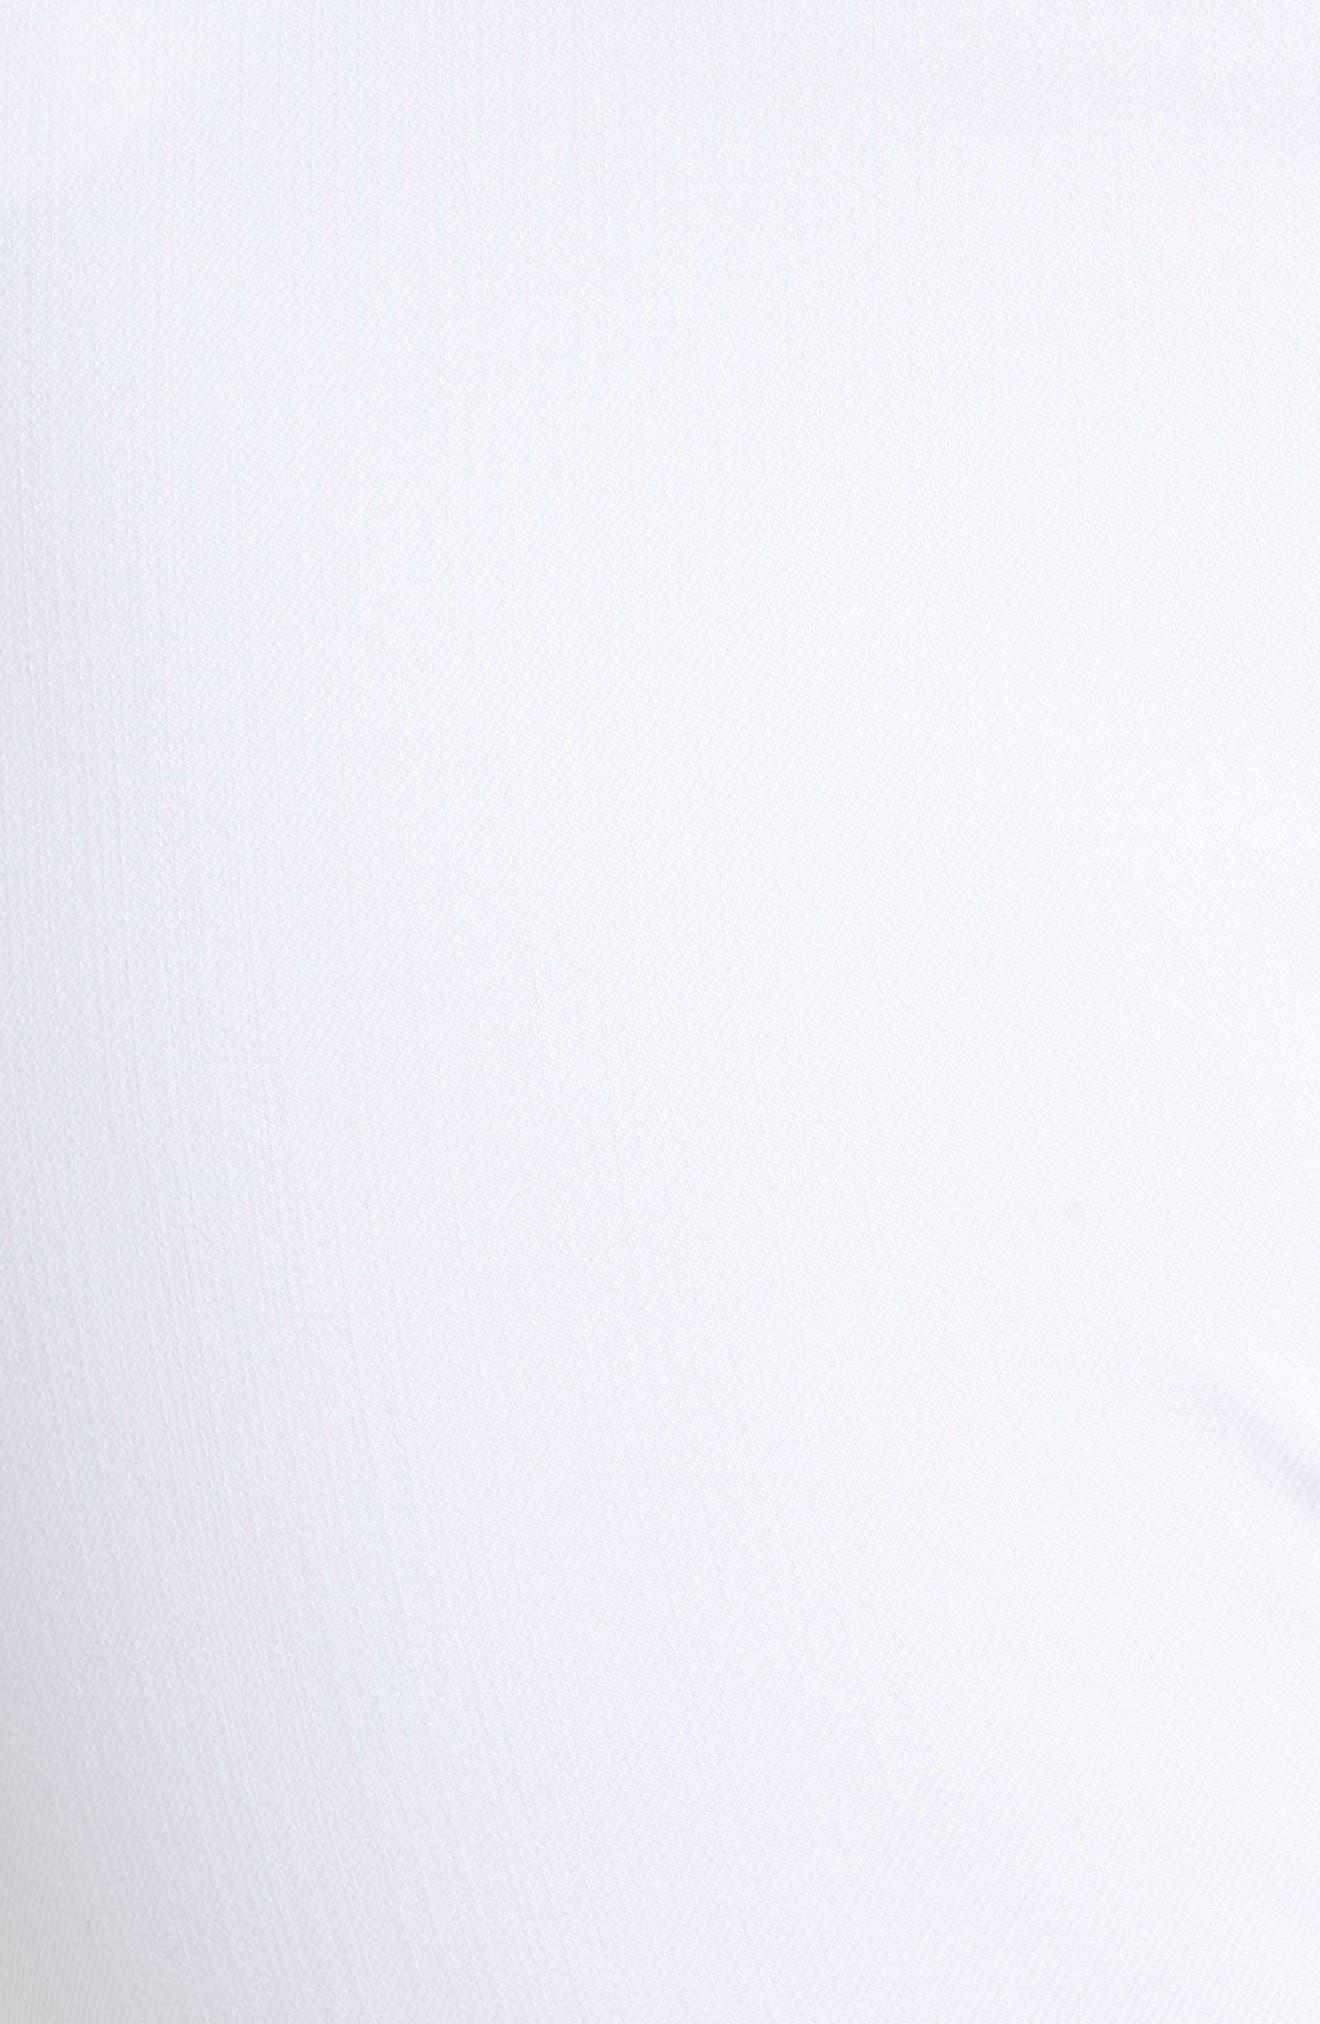 Nina Slimming Pull-On Legging Jeans,                             Alternate thumbnail 6, color,                             WHITE